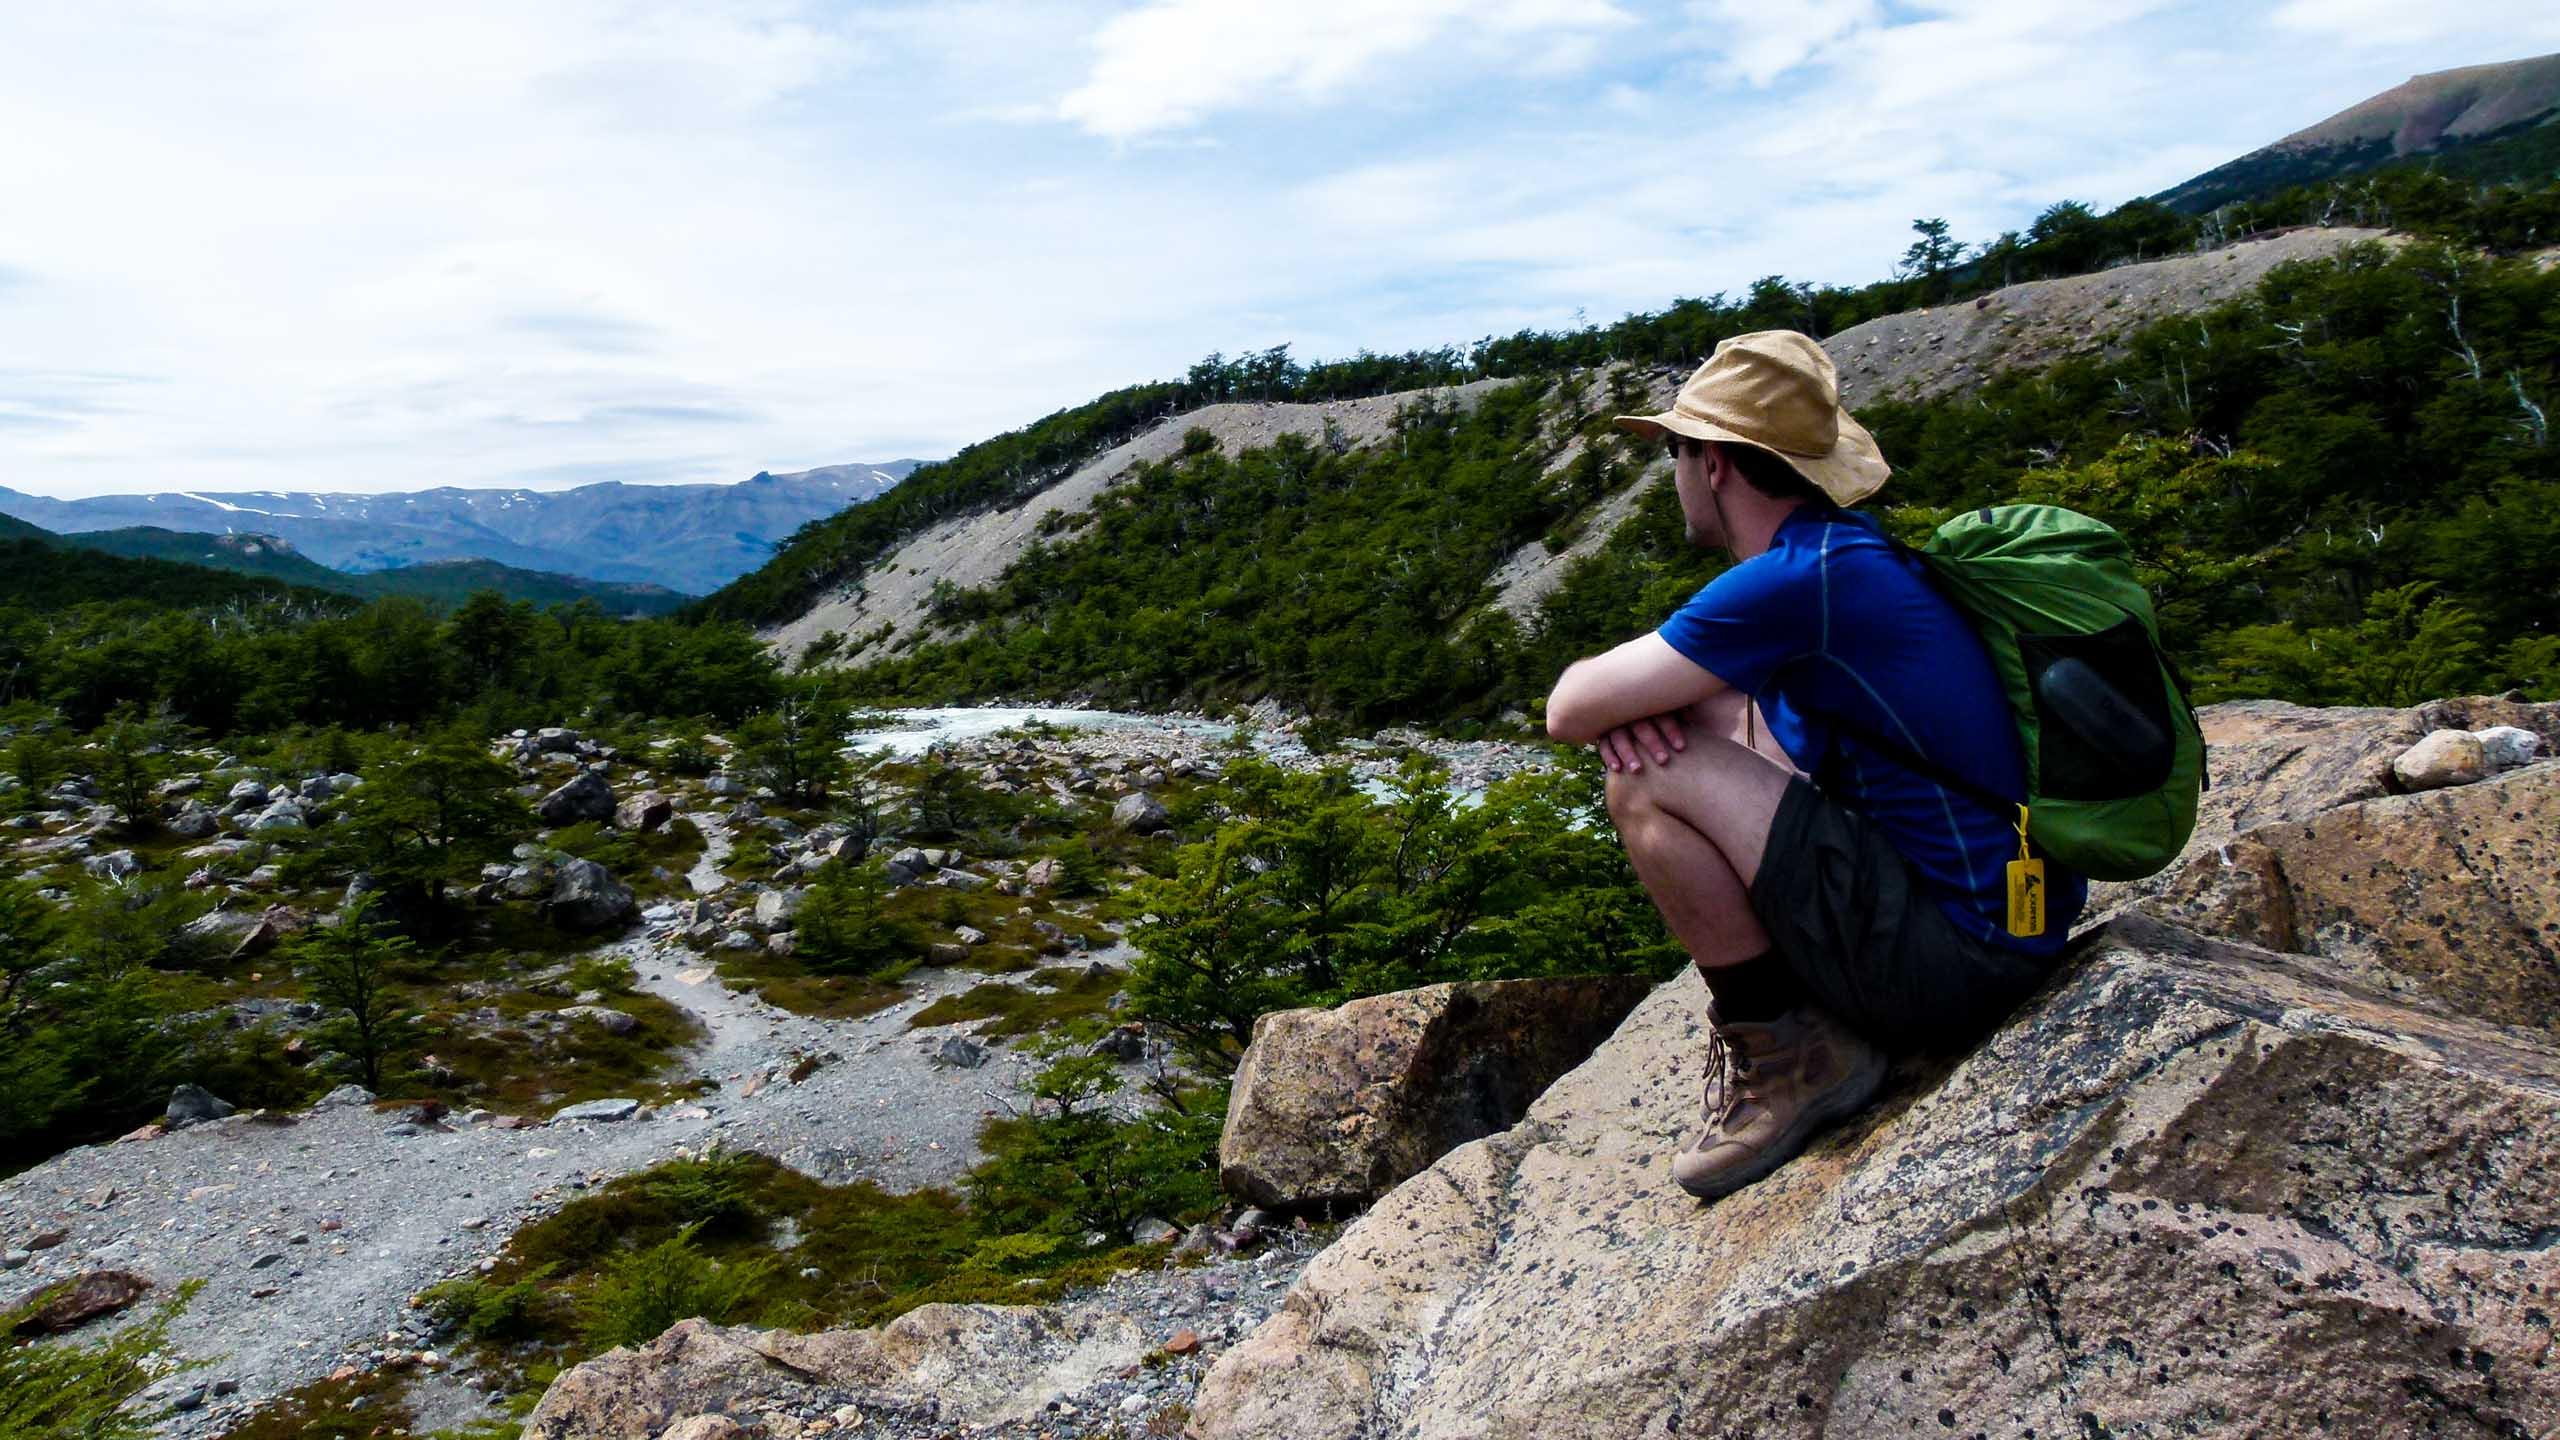 Hiker sits on Argentina rocks